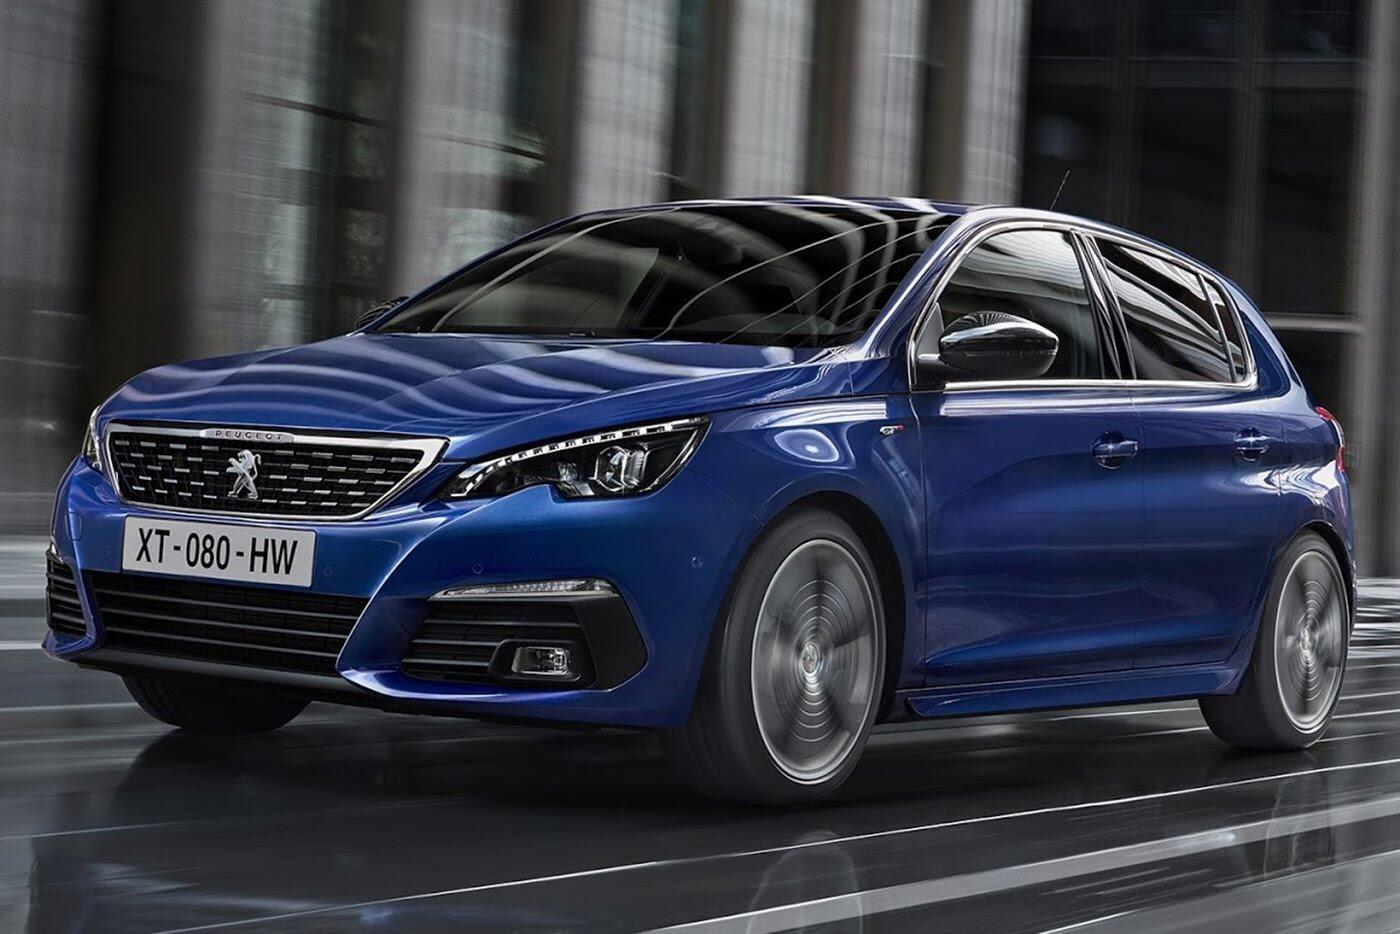 Thêm thông tin về động cơ của Peugeot 308 bản nâng cấp 2018 - Hình 1